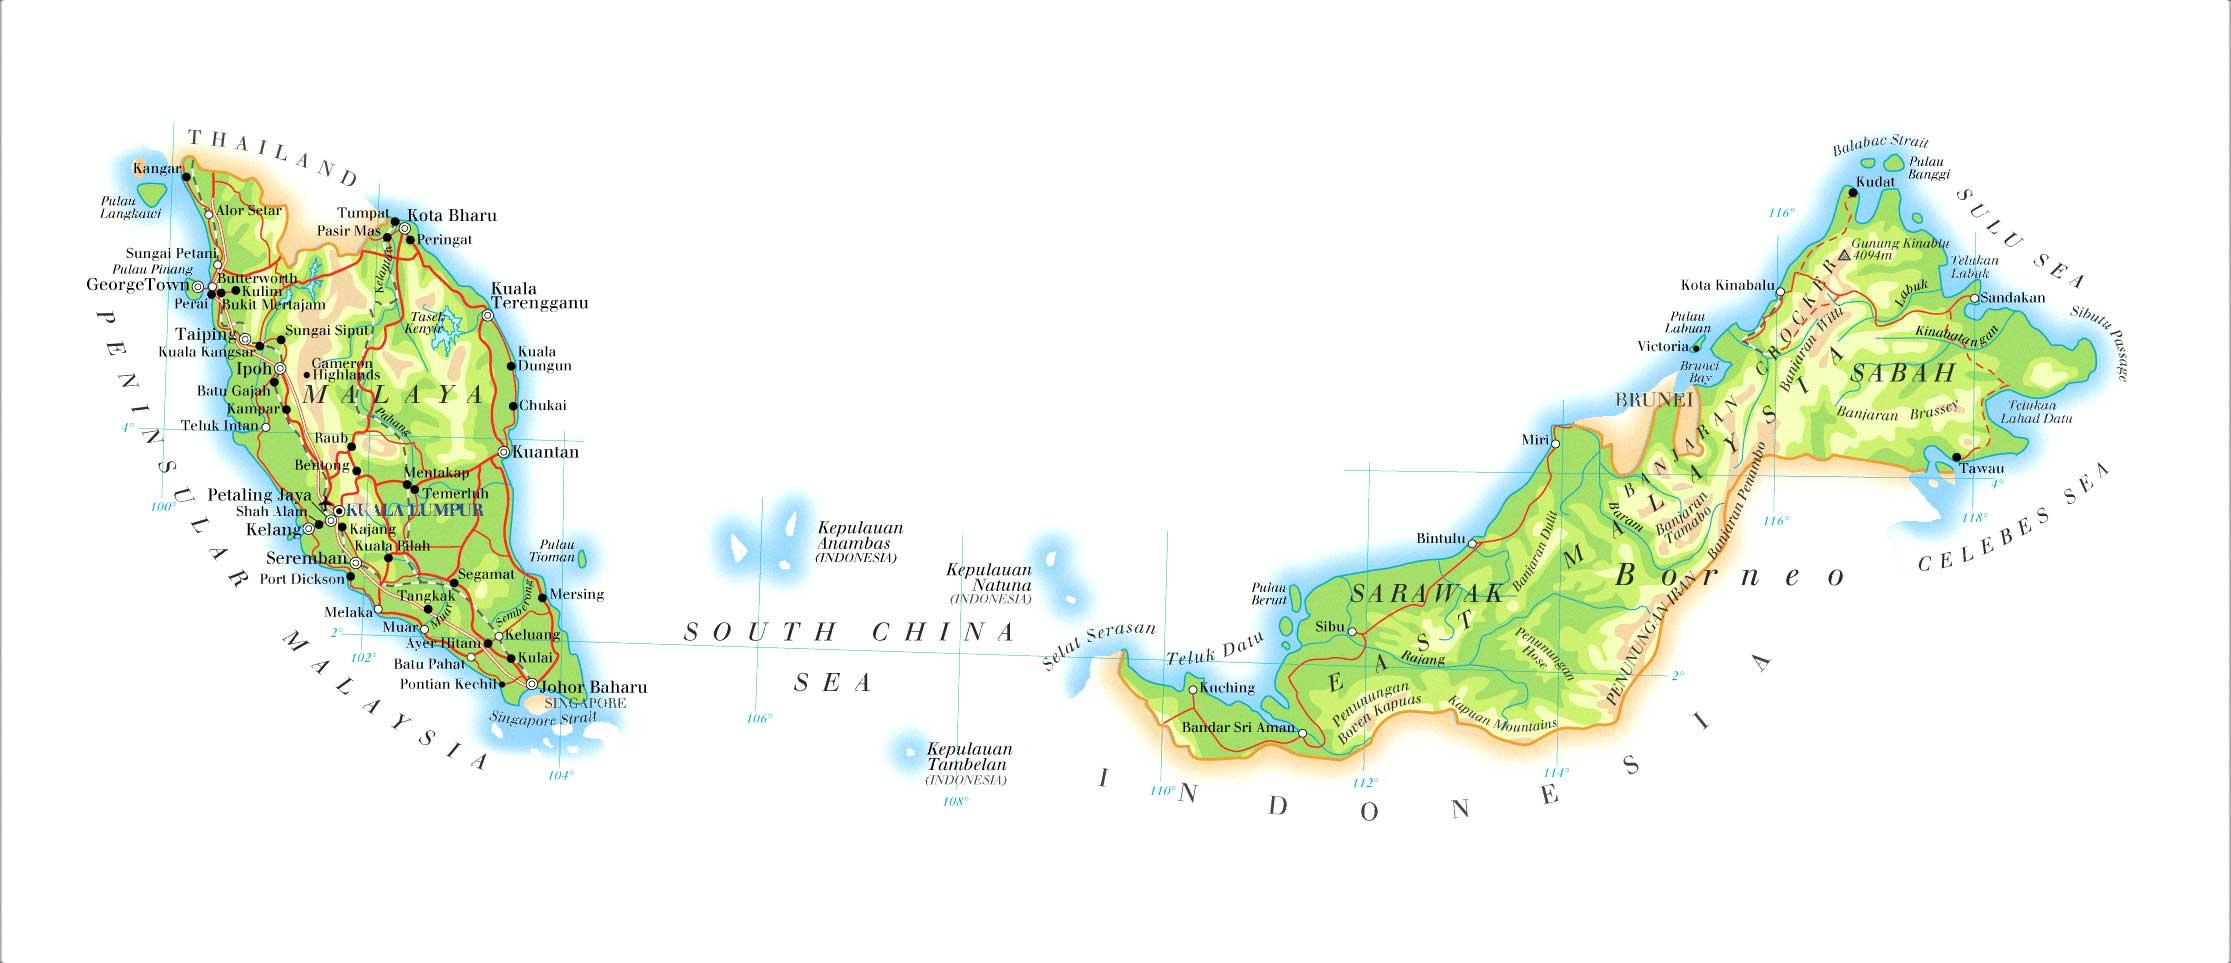 马来西亚地图英文版